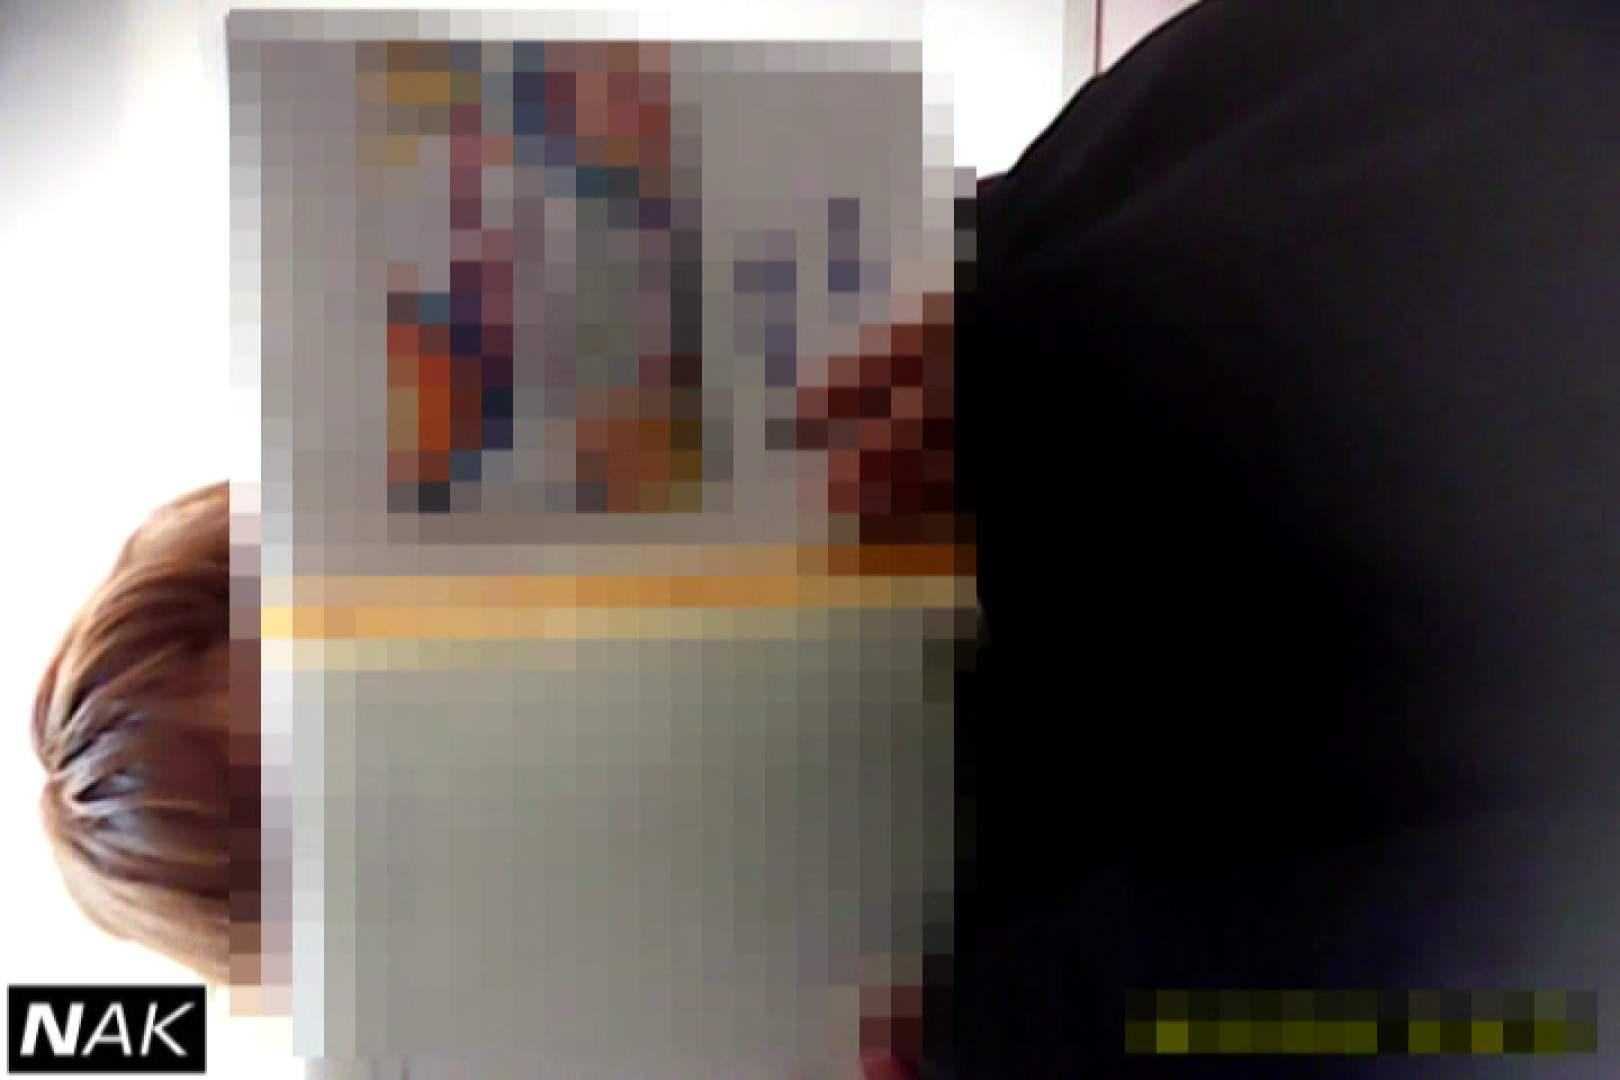 超高画質5000K!脅威の1点集中かわや! vol.02 マンコ・ムレムレ 戯れ無修正画像 92pic 9